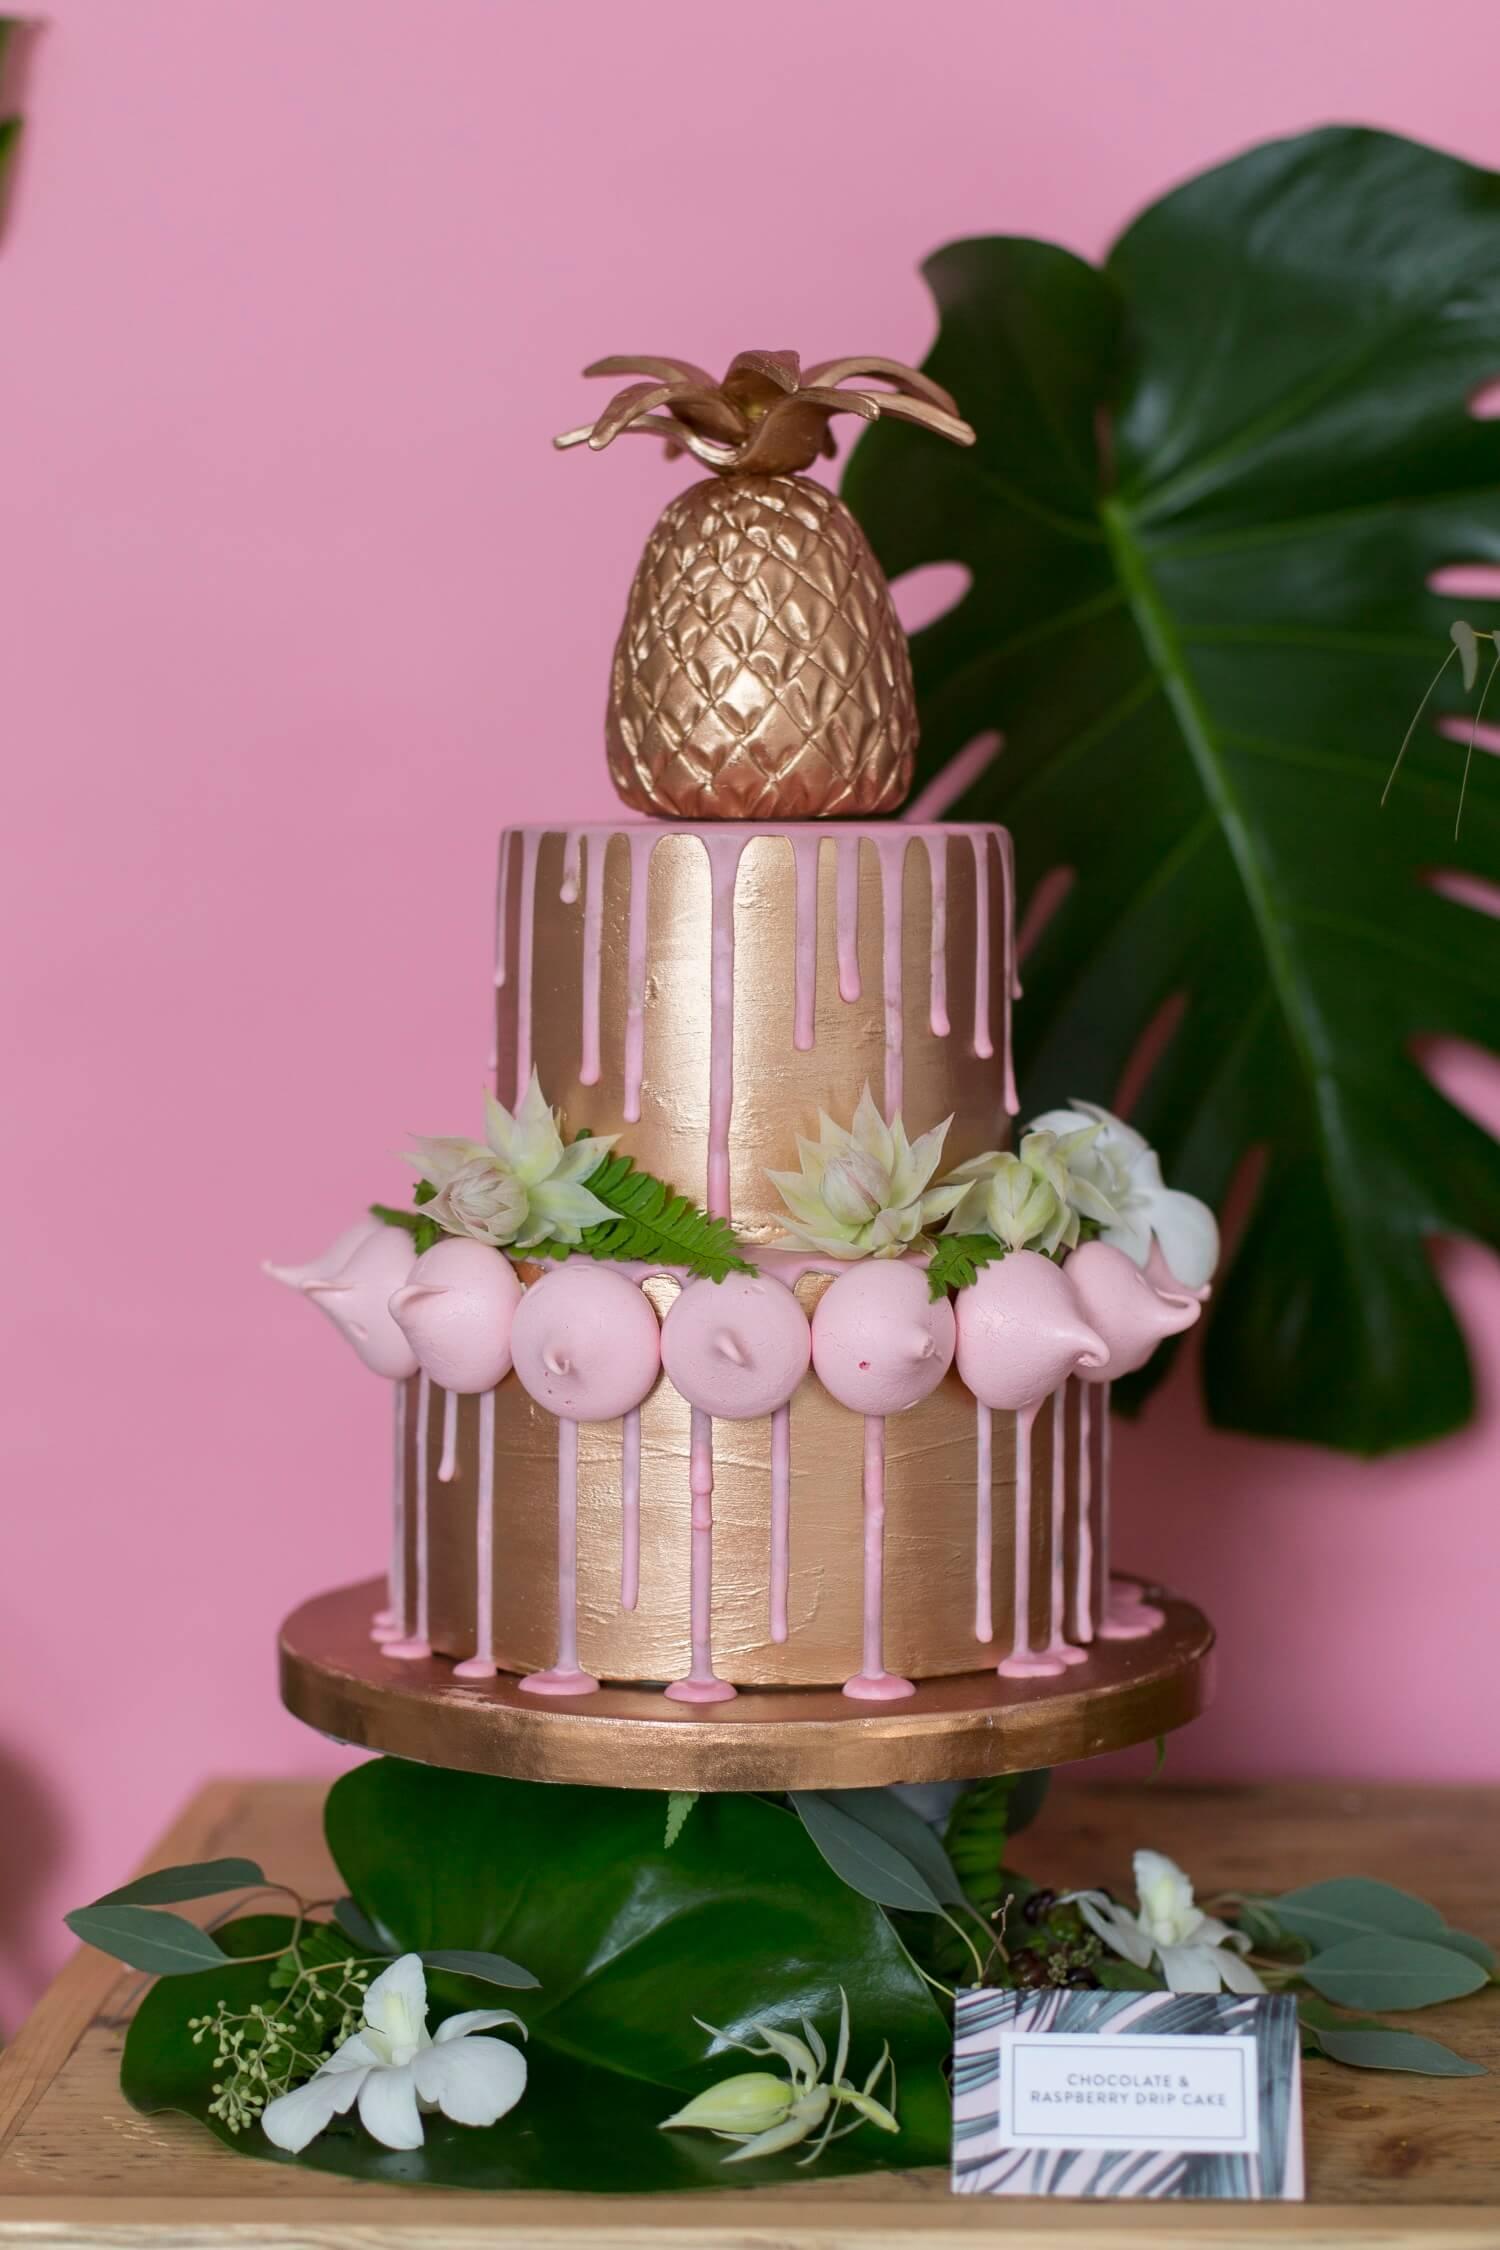 Modern Wedding Cake Trends for 2018